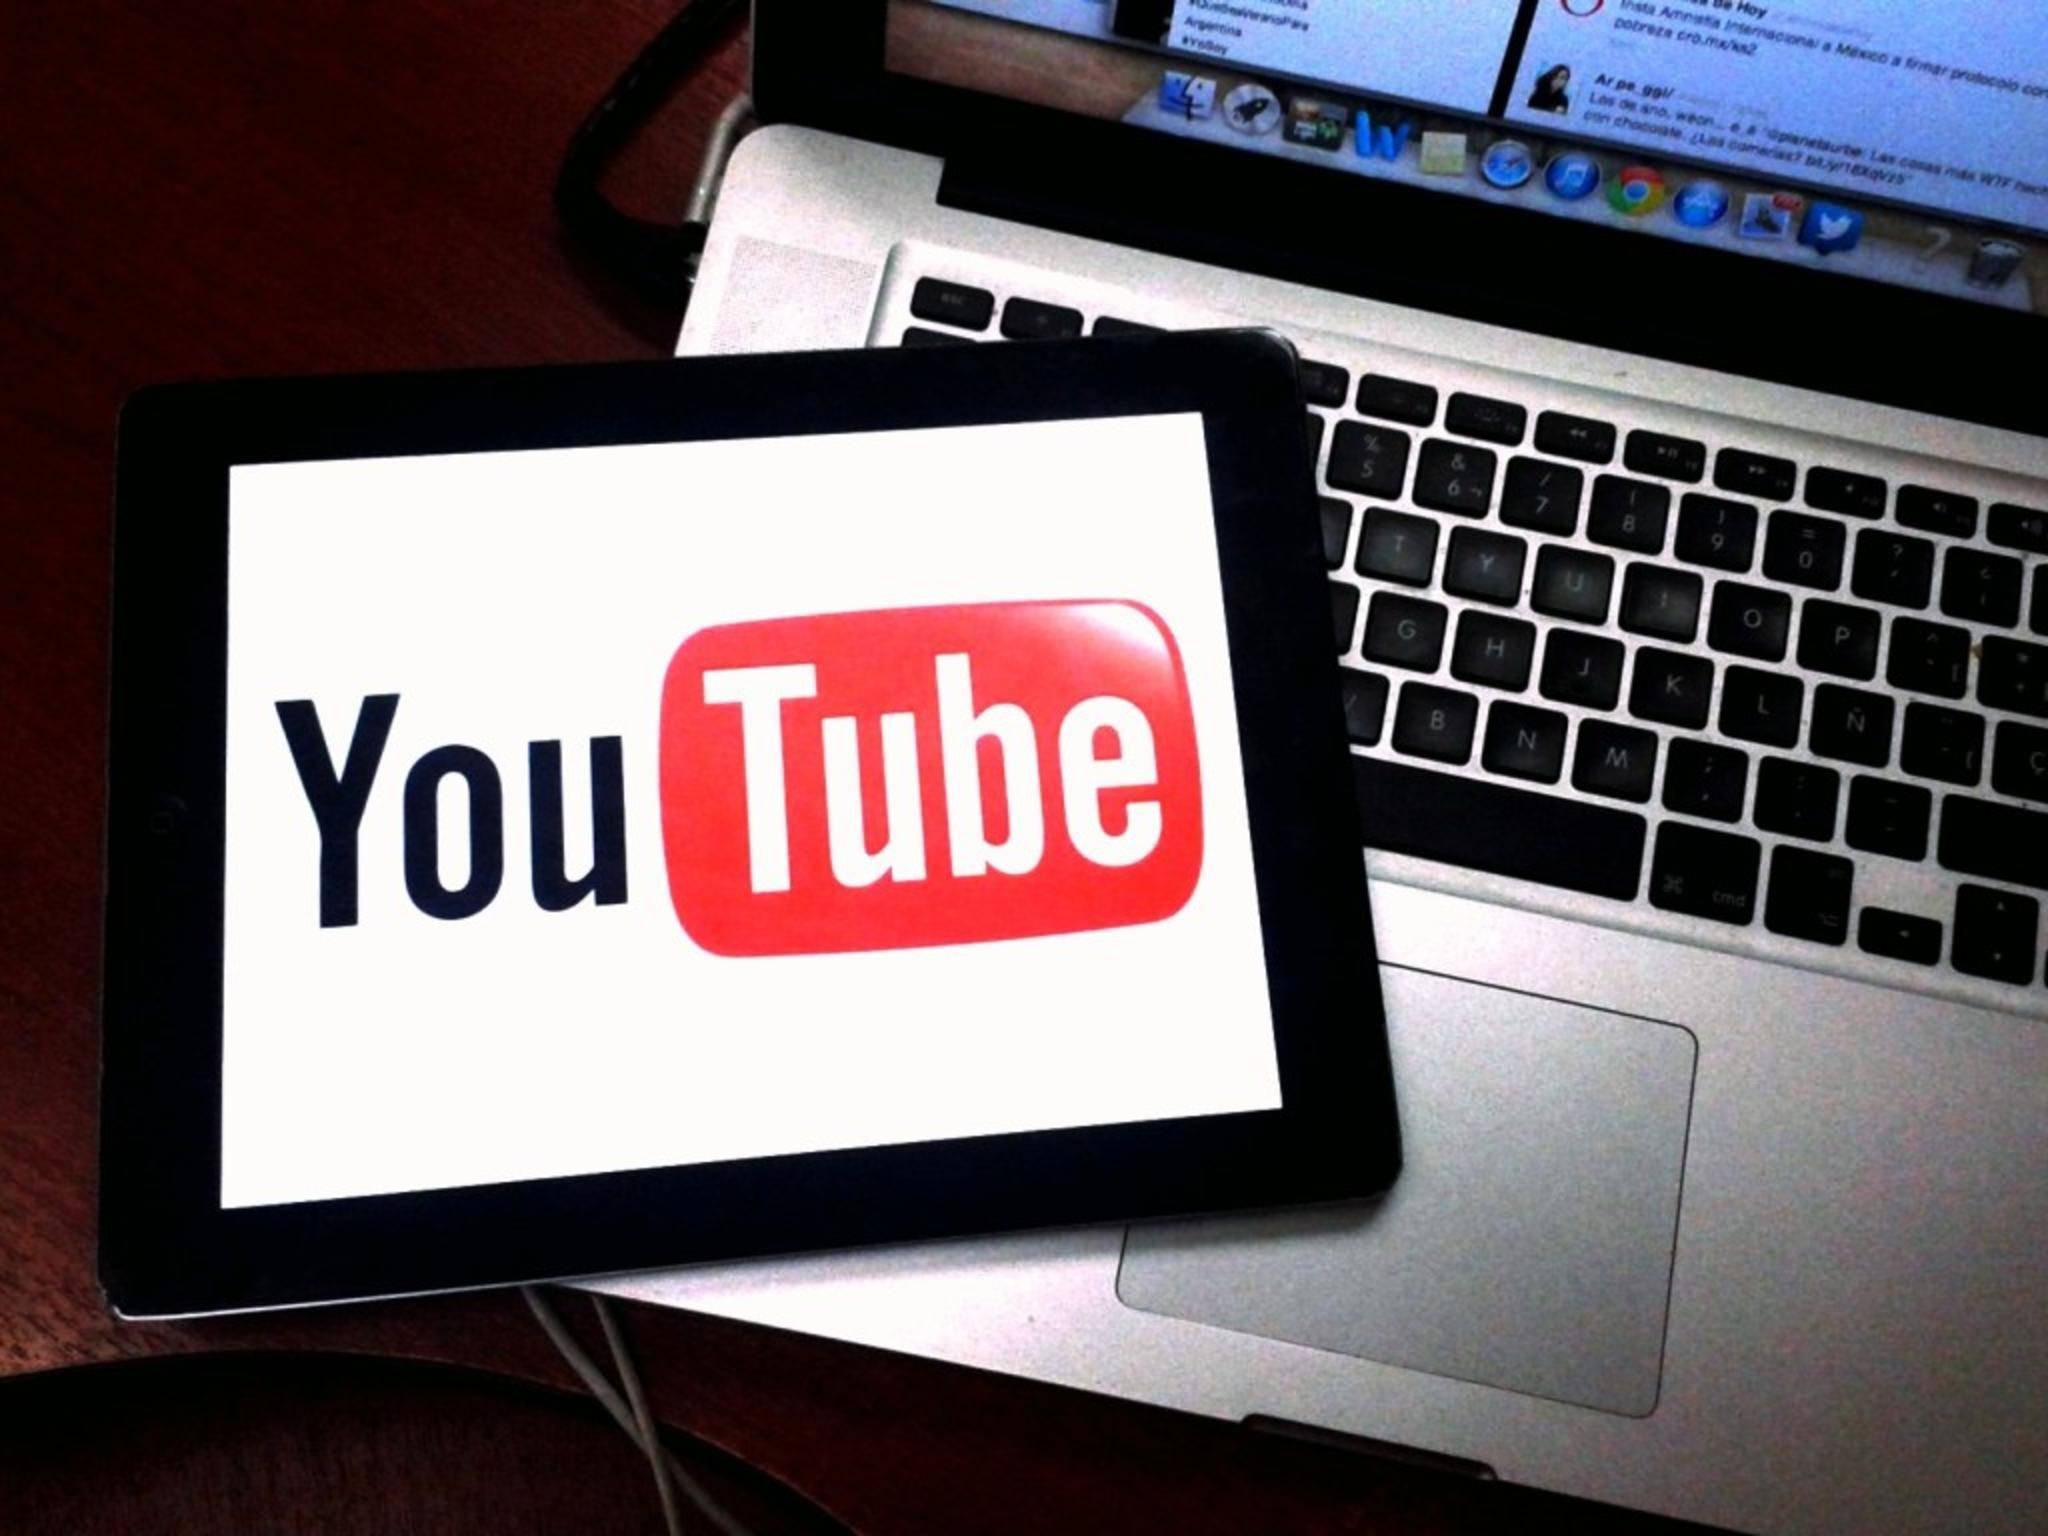 Wer keine Werbung auf YouTube sehen will, wird bald zur Kasse gebeten.